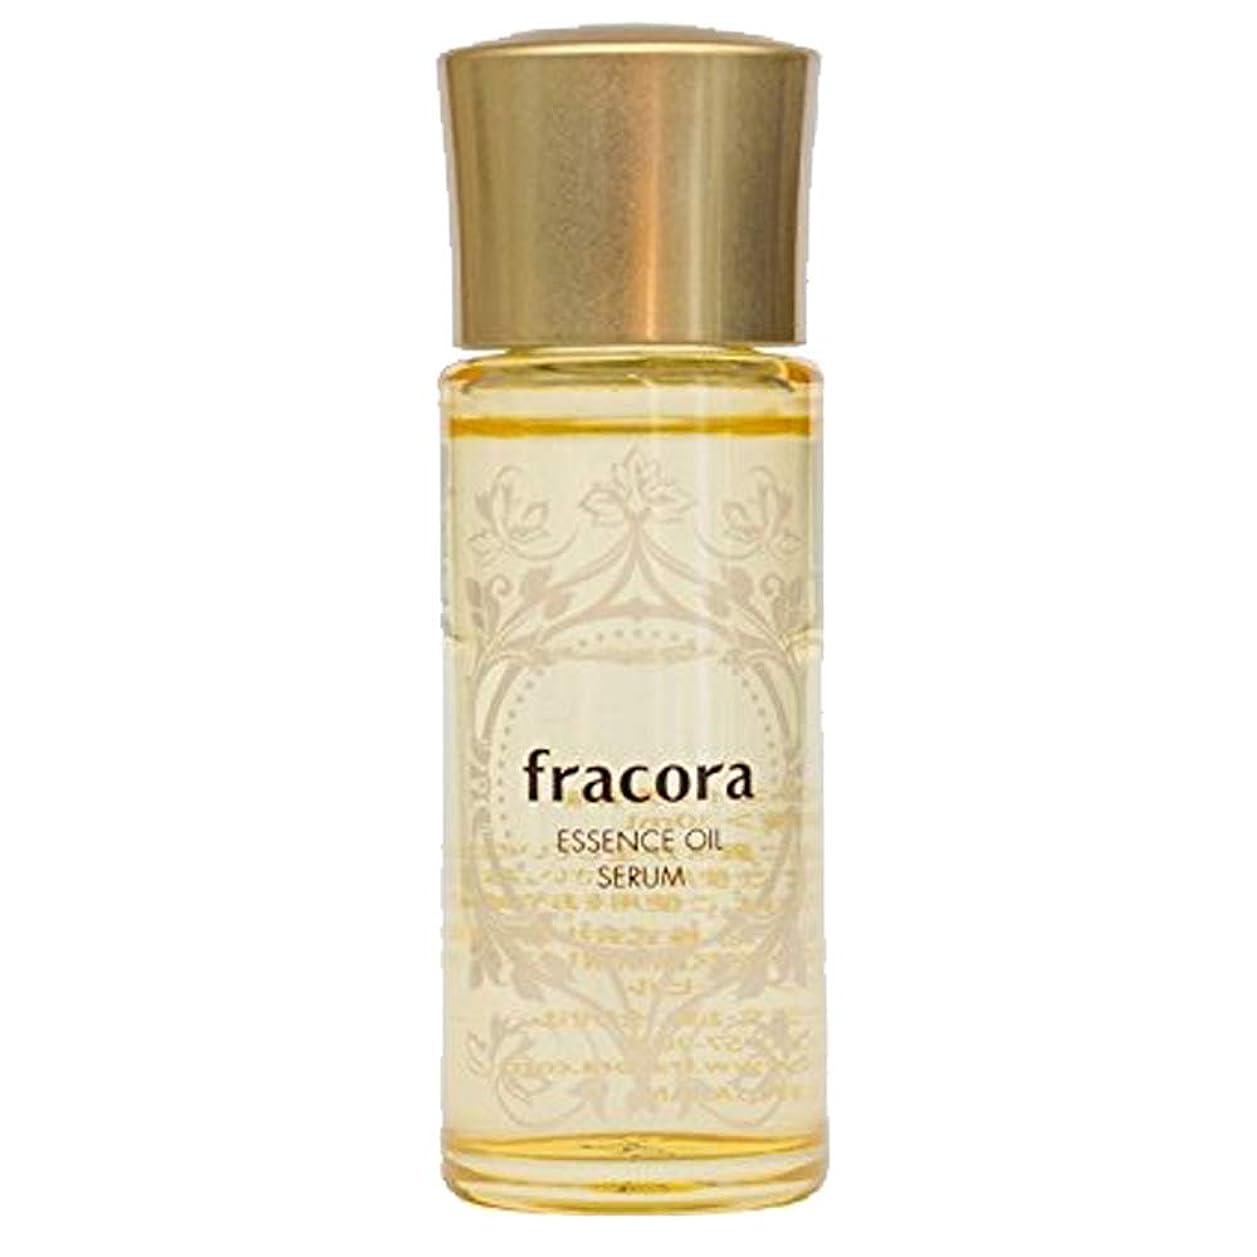 中級アクロバット冷蔵庫fracora(フラコラ) エッセンスオイル美容液 30mL